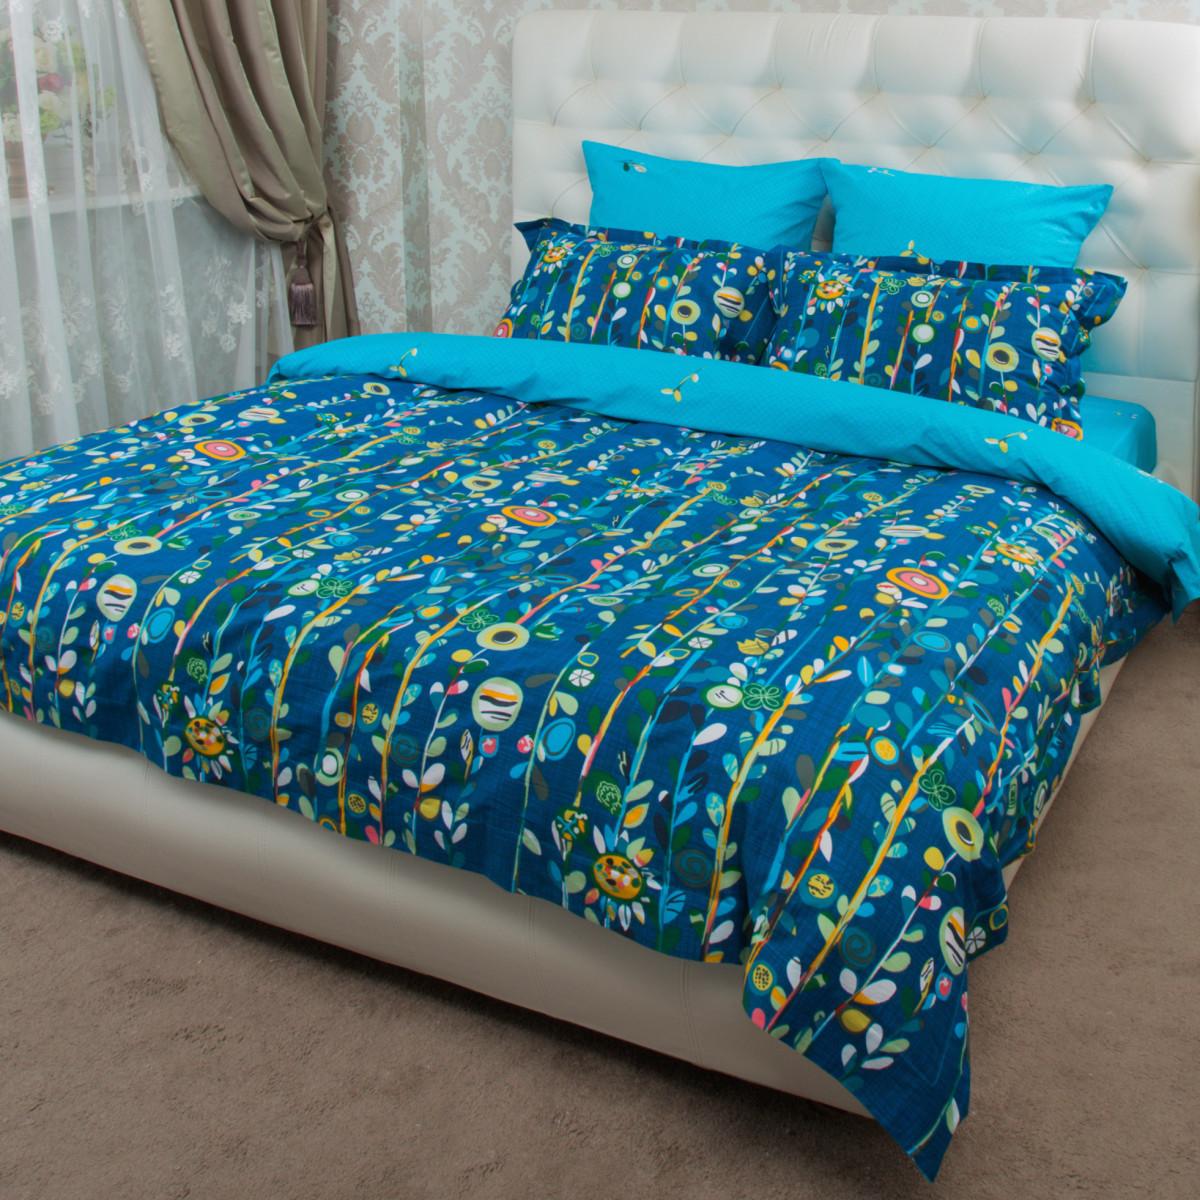 Комплект постельного белья Цветы евро сатин 50x70 70x70 см